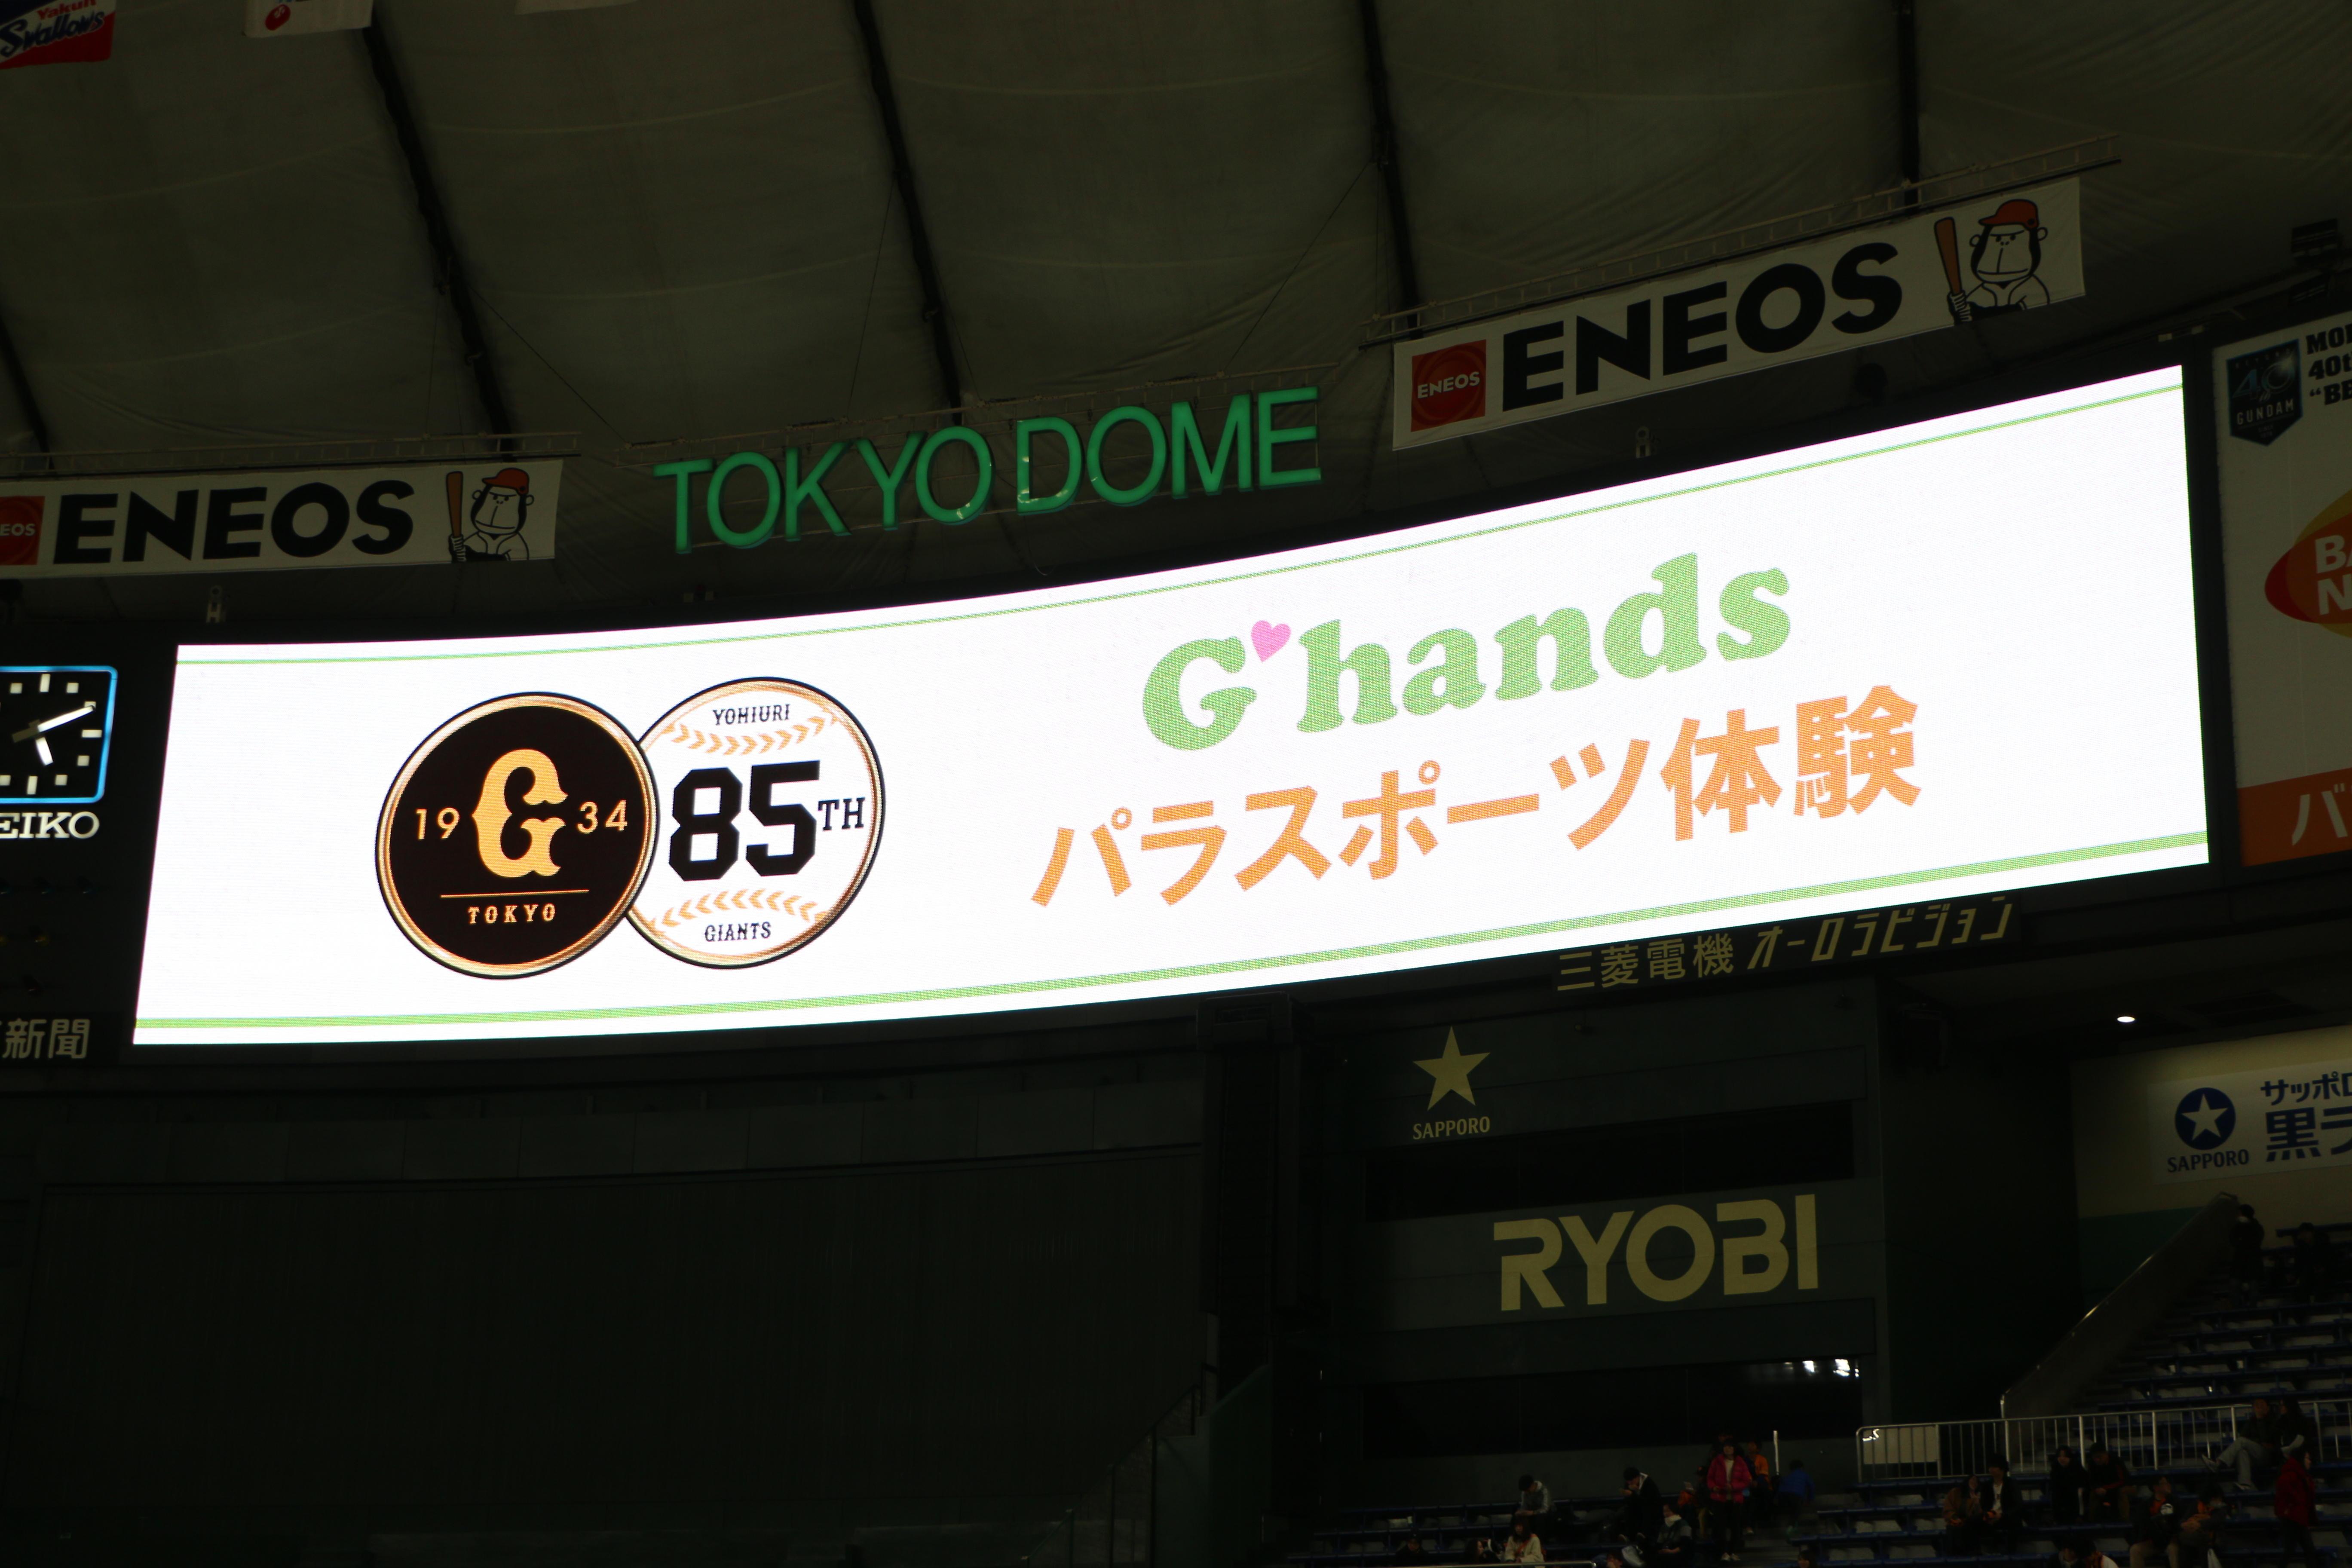 江戸川大学の学生が読売巨人軍社会貢献プロジェクト「G hands」に参加 -- プロ野球チームのイベント運営をスタッフとして体験